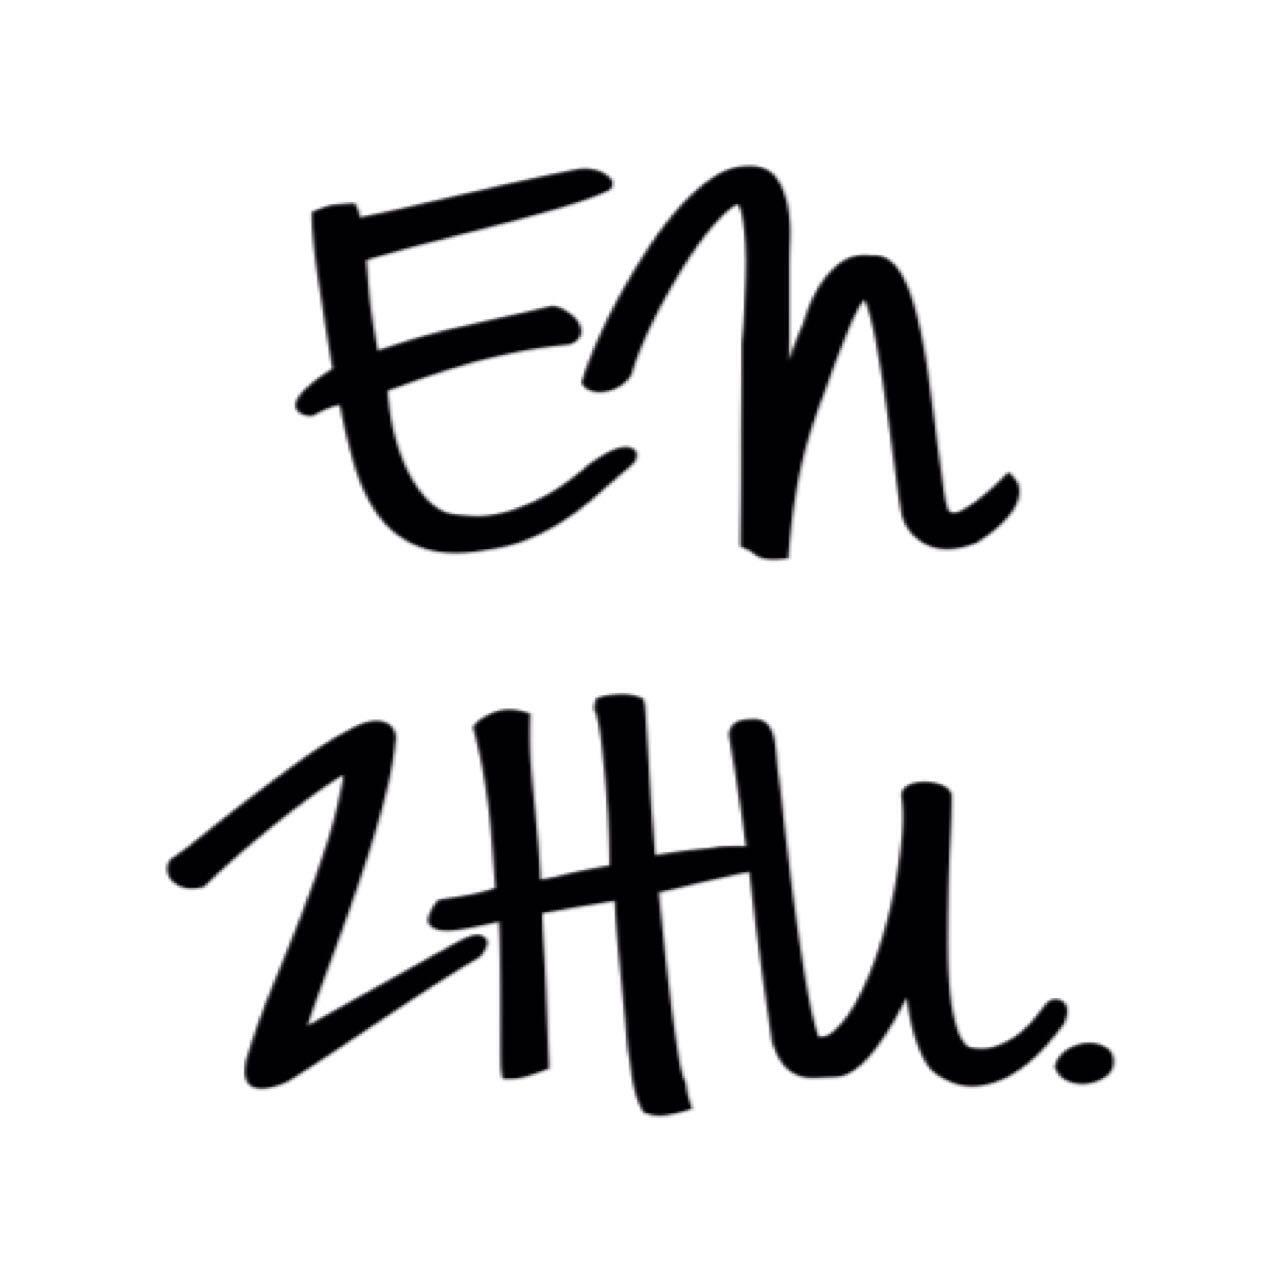 enzhu.